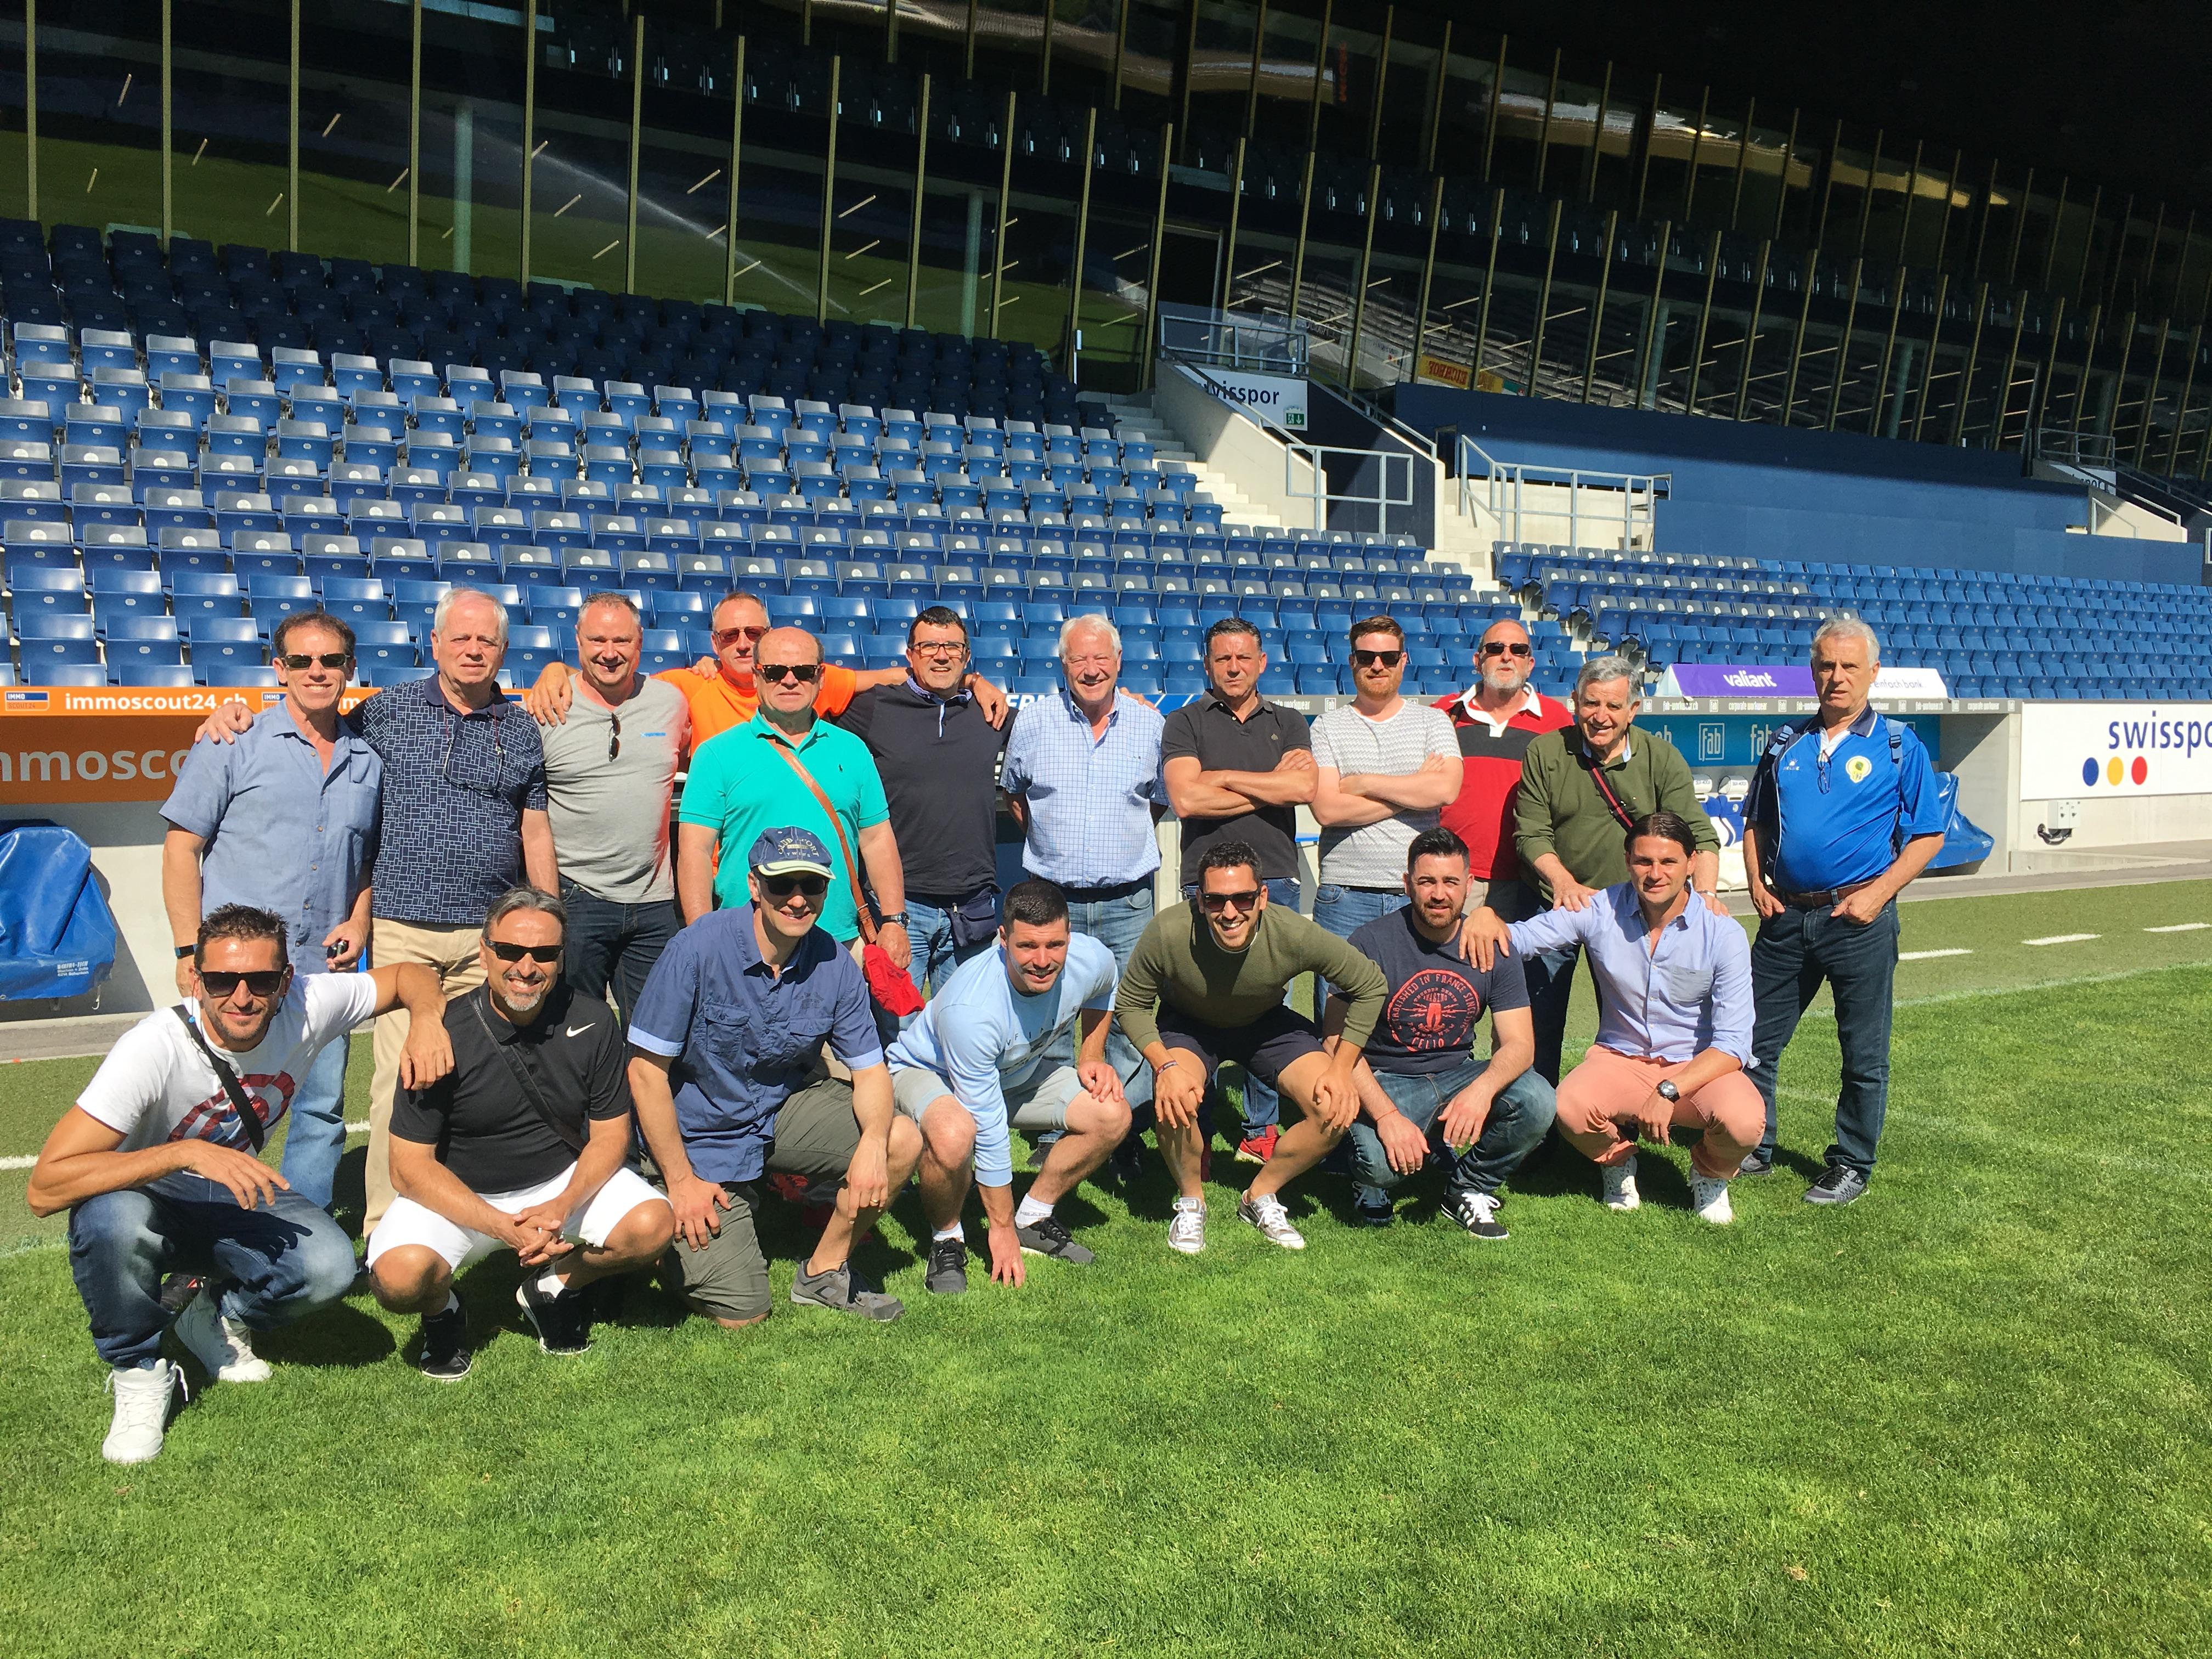 Amistad internacional de fútbol: Calpe (España) con Meggen (Suiza), Mario Schumacher Blog